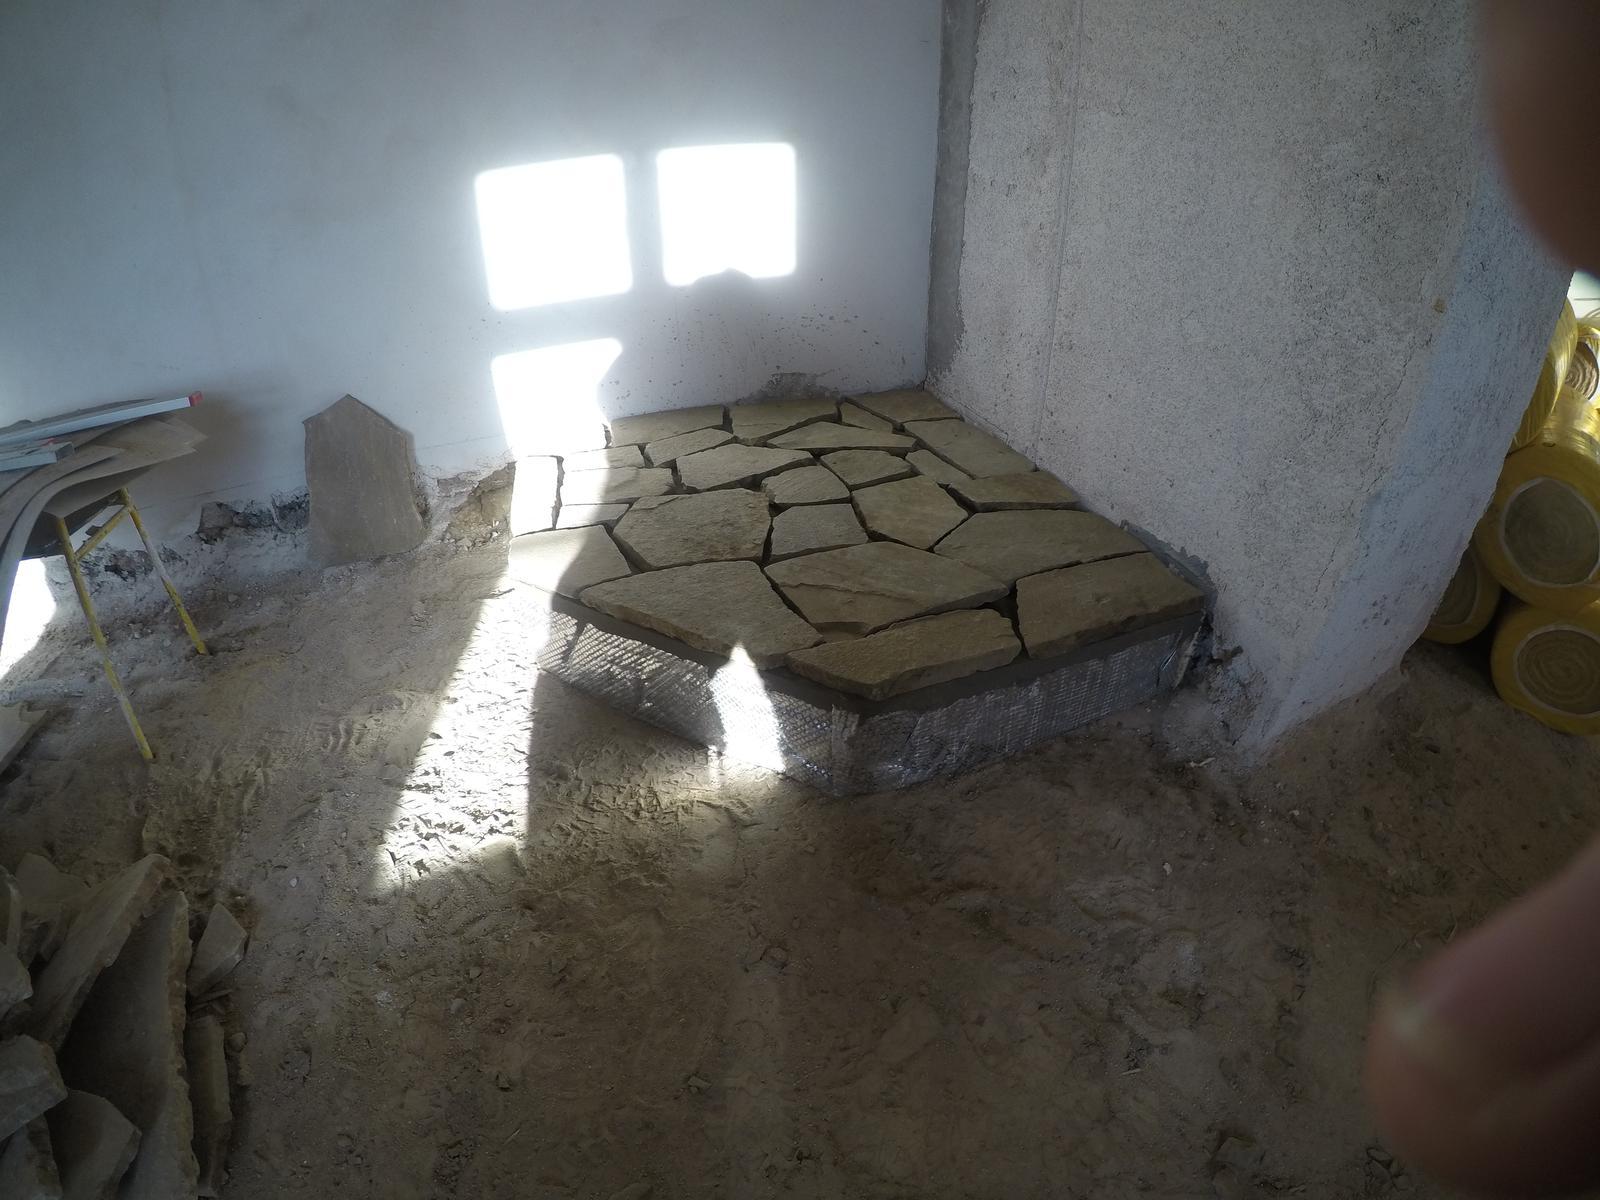 Rekonstrukcia  domu z 18- teho storocia - podstavec pod pec pripraveny